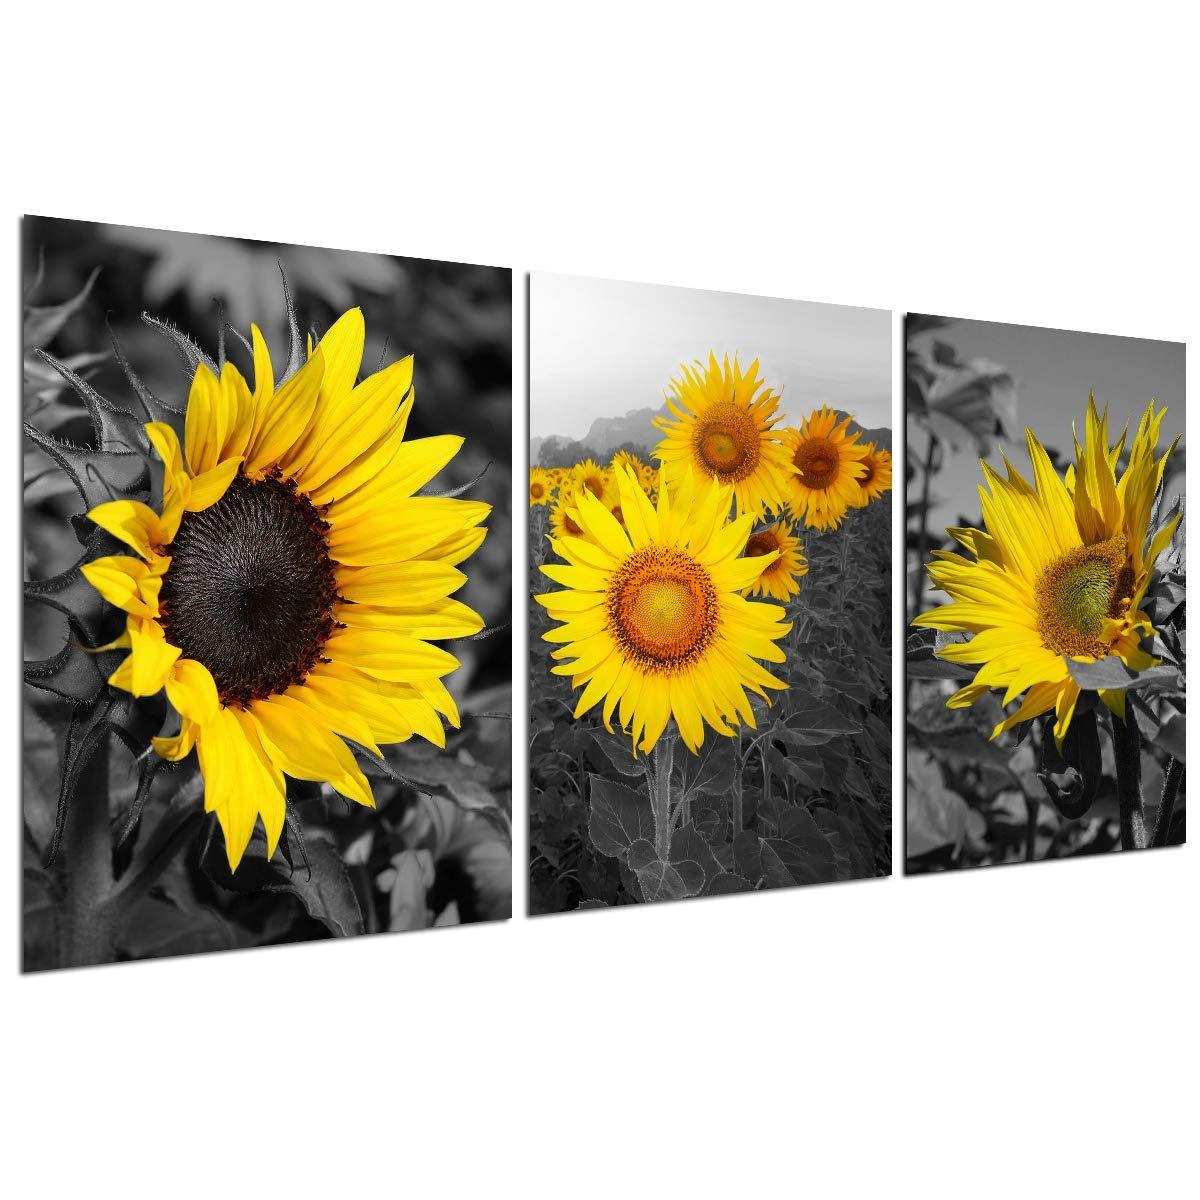 Sunflower Decor Wall Art Prints